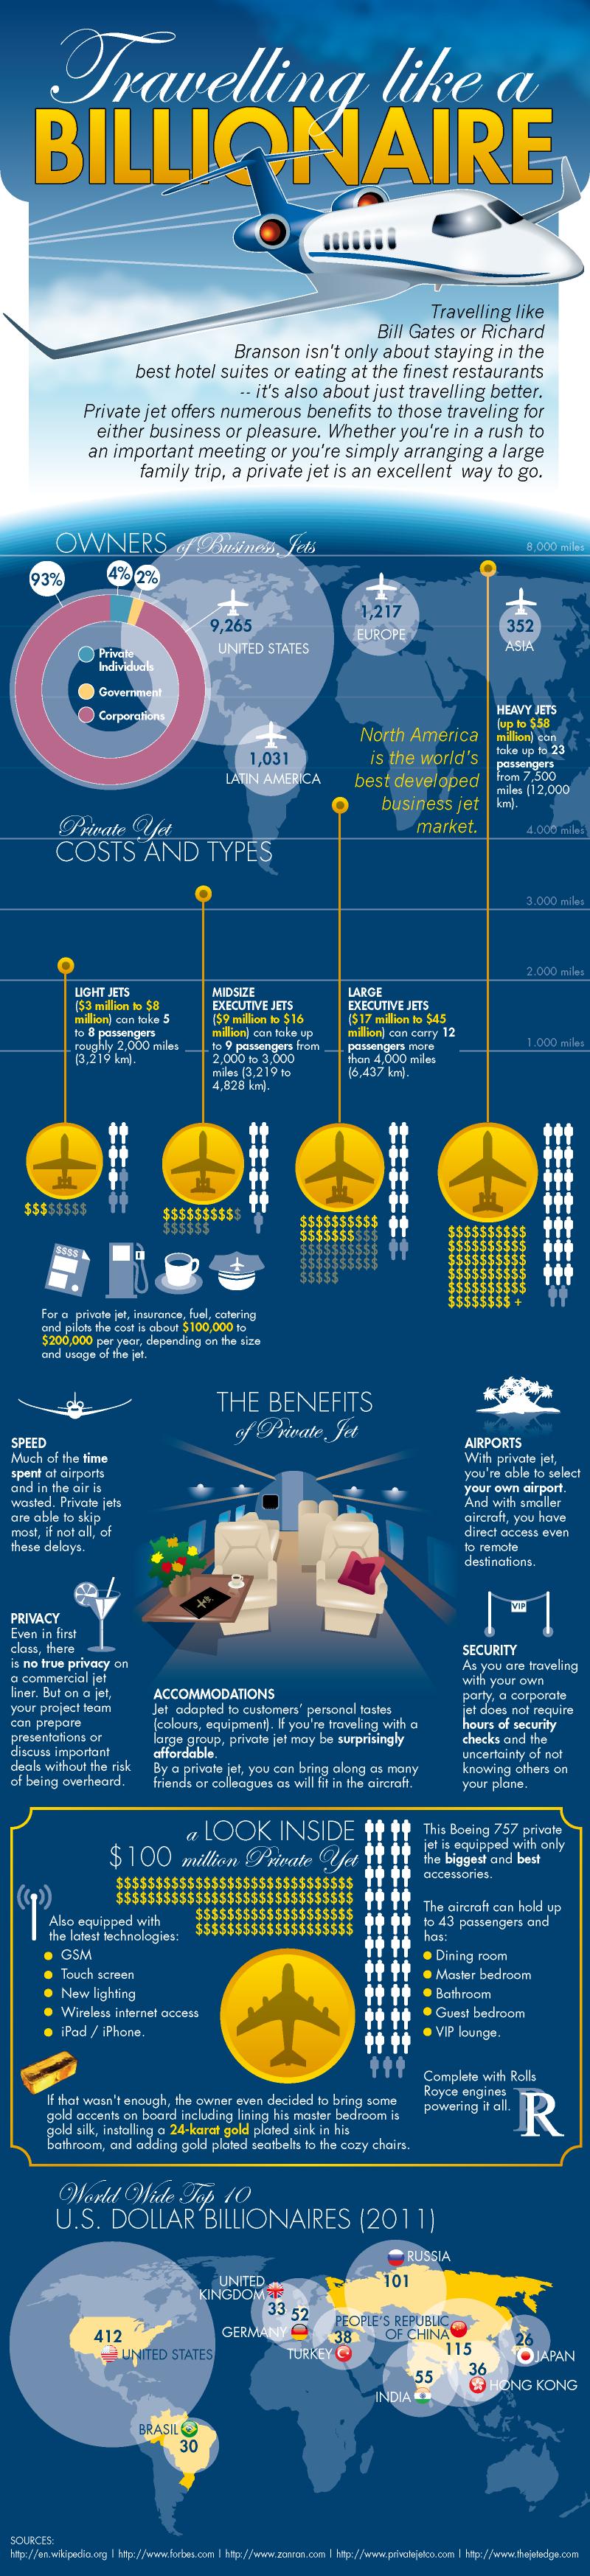 Charter a Business Jet Like A Billionaire